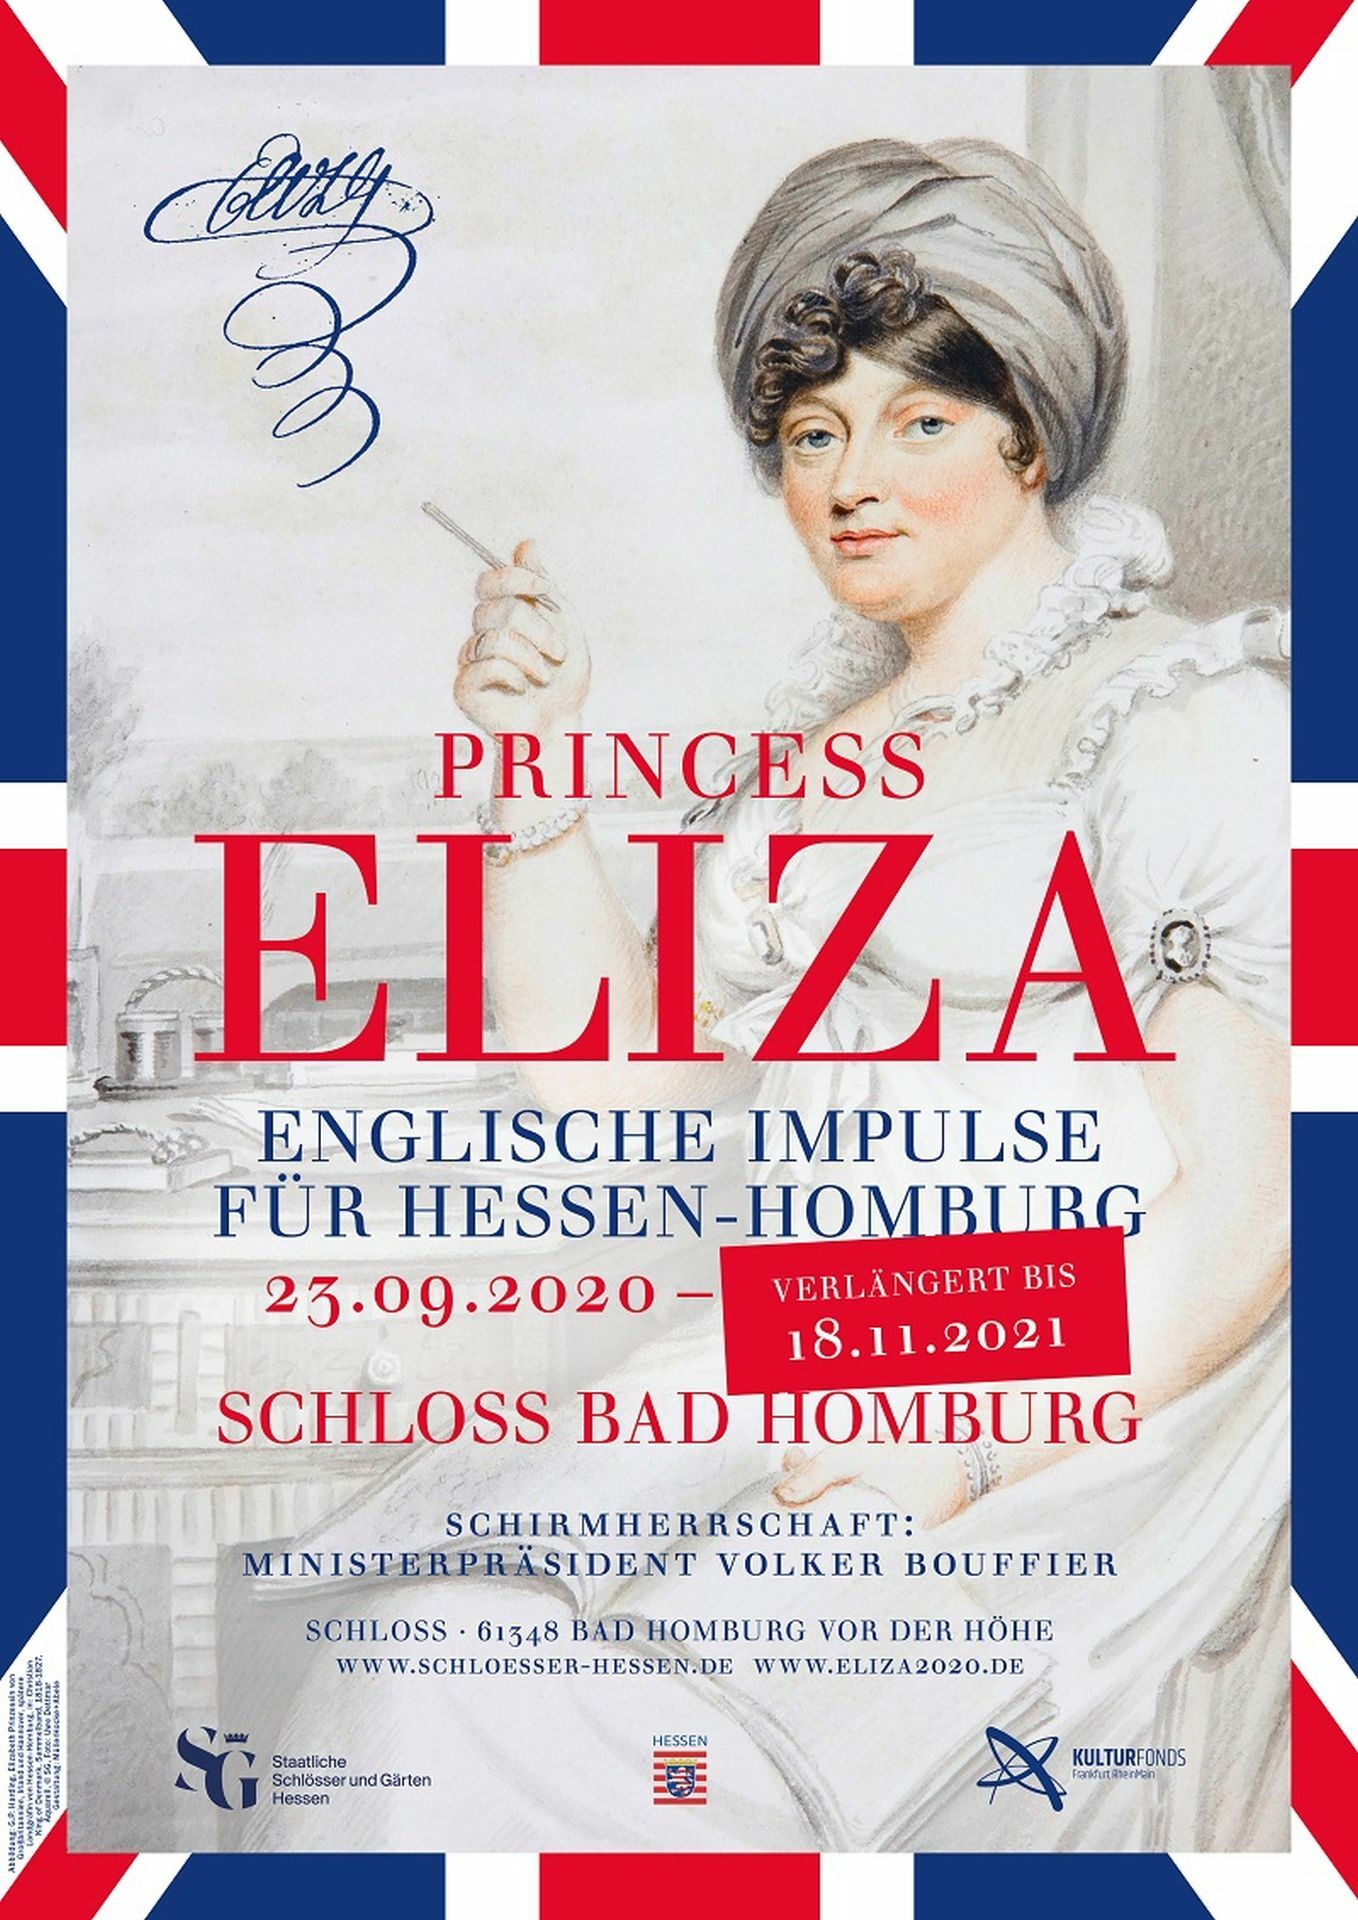 Princess Eliza - Englische Impulse für Hessen-Homburg